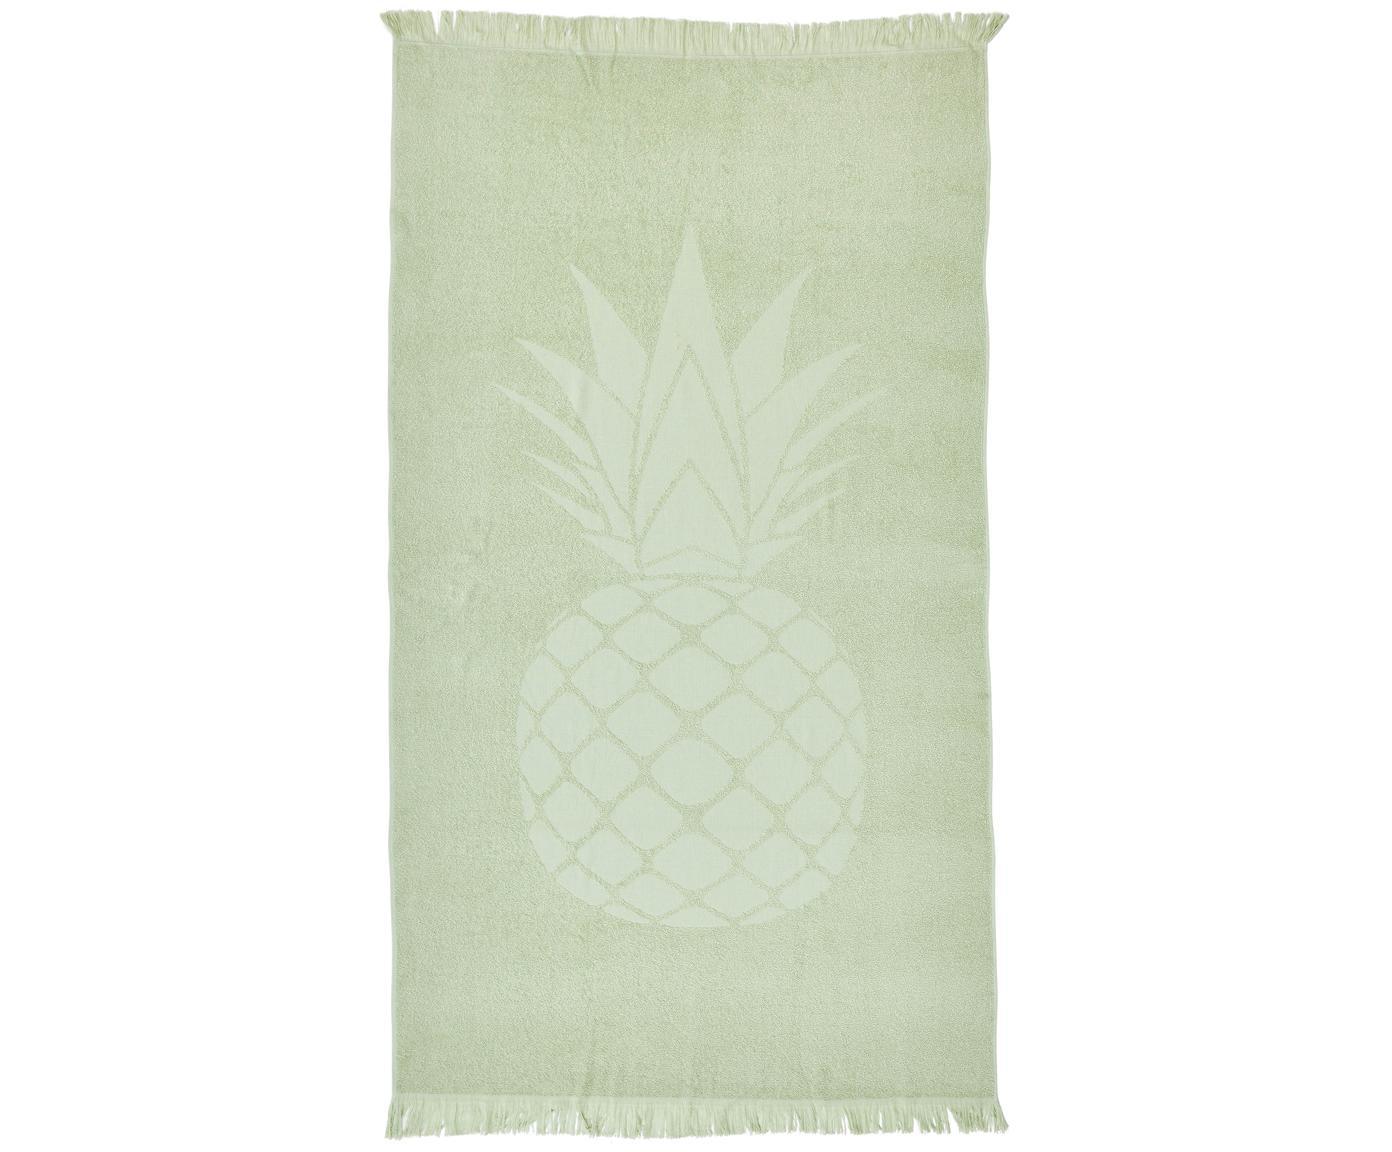 Telo mare in cotone Capri Pineapple, Verde chiaro, Larg. 90 x Lung. 160 cm